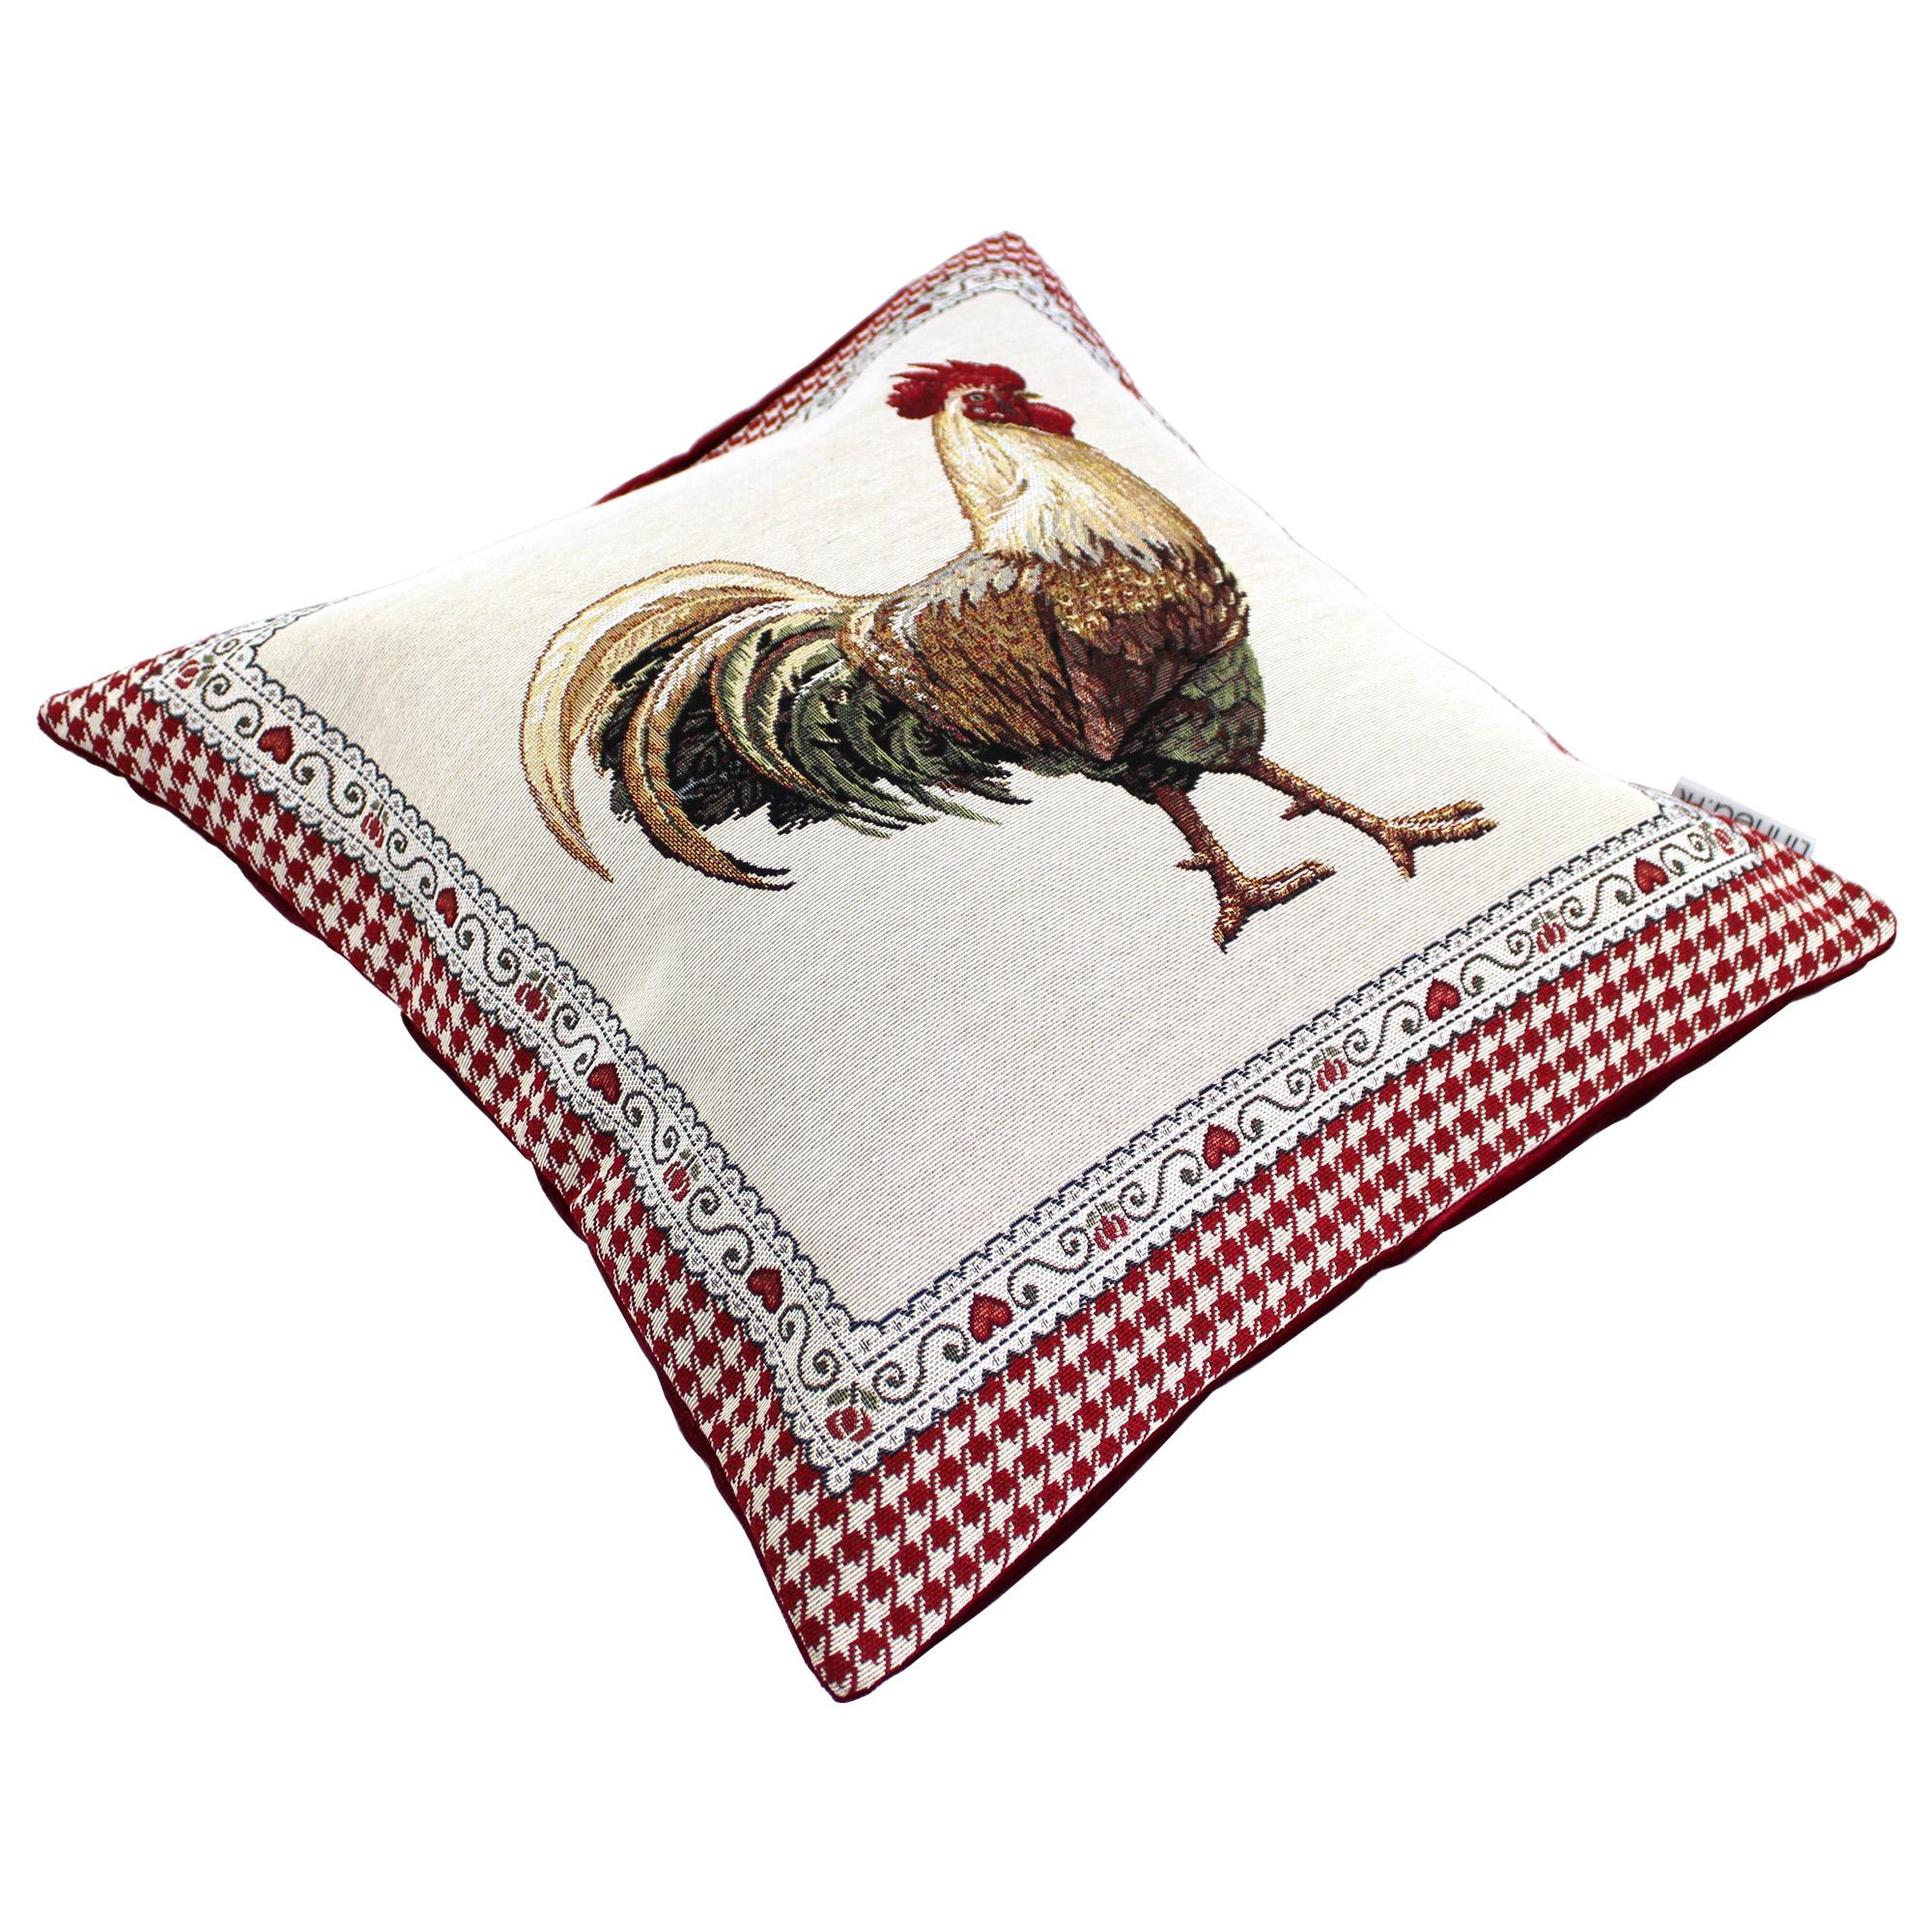 housse de coussin 45x45 tonale coq polycoton acrylique. Black Bedroom Furniture Sets. Home Design Ideas